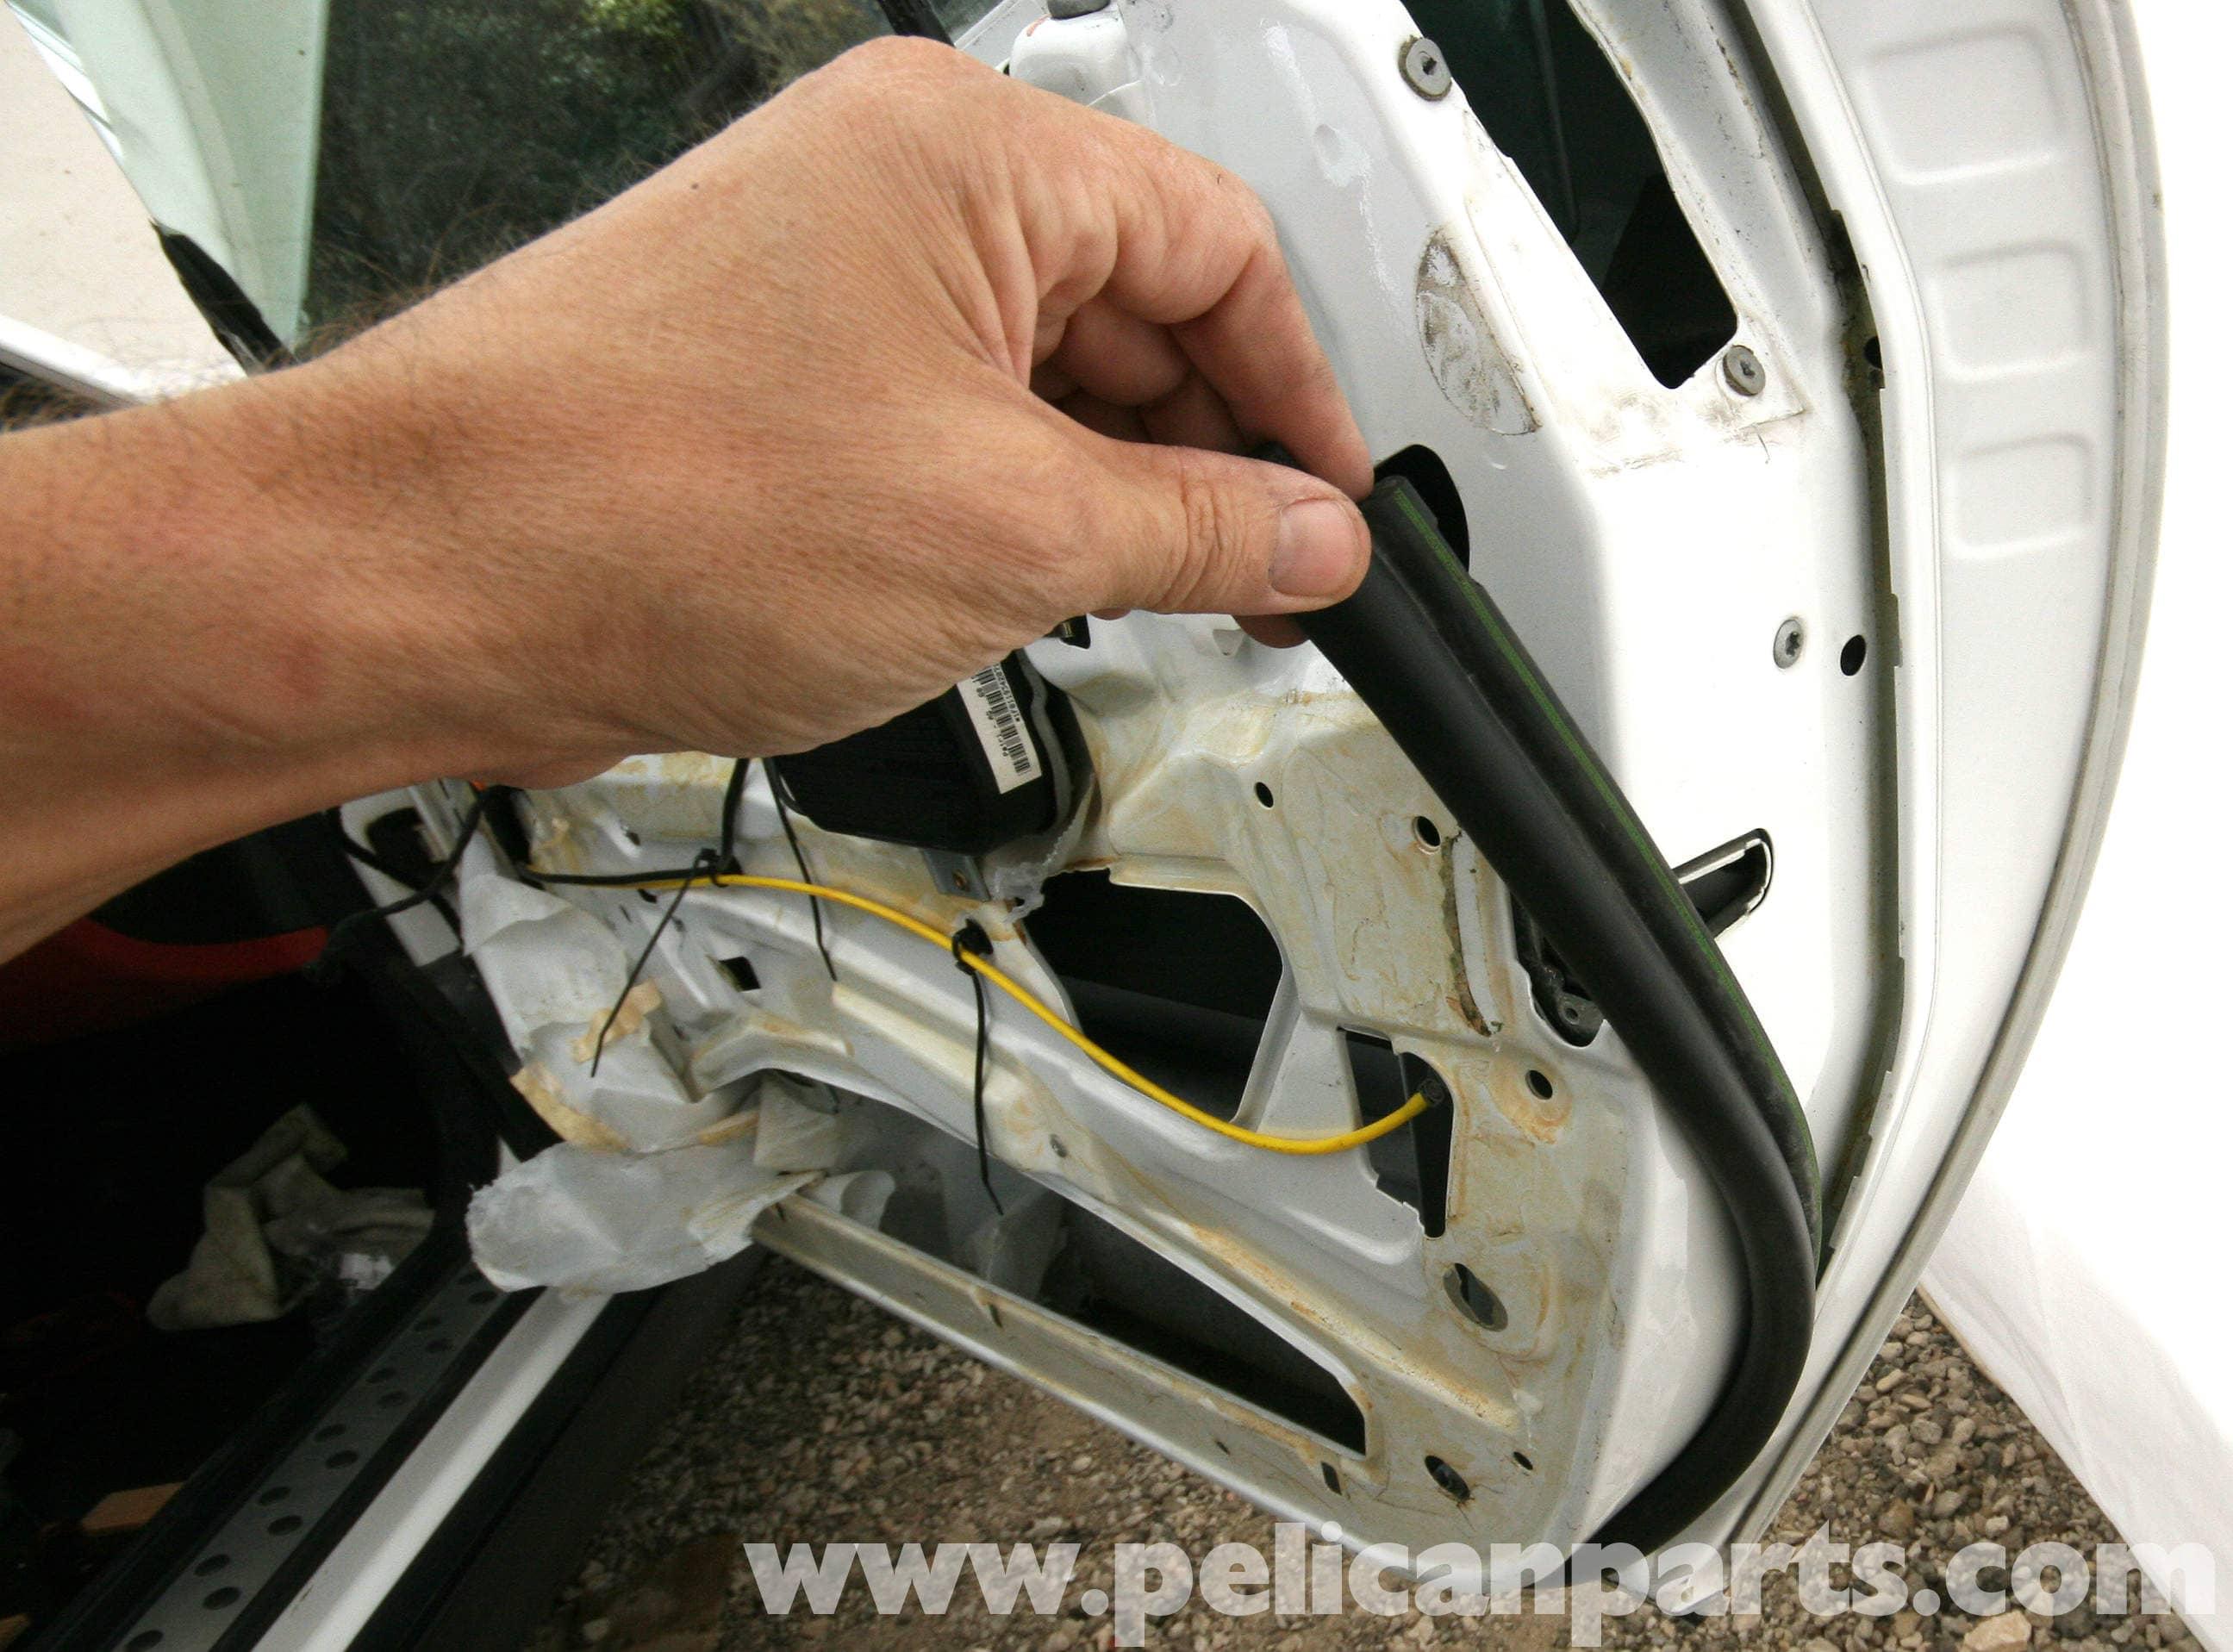 Mercedes Benz Slk 230 Door Weather Stripping Replacement